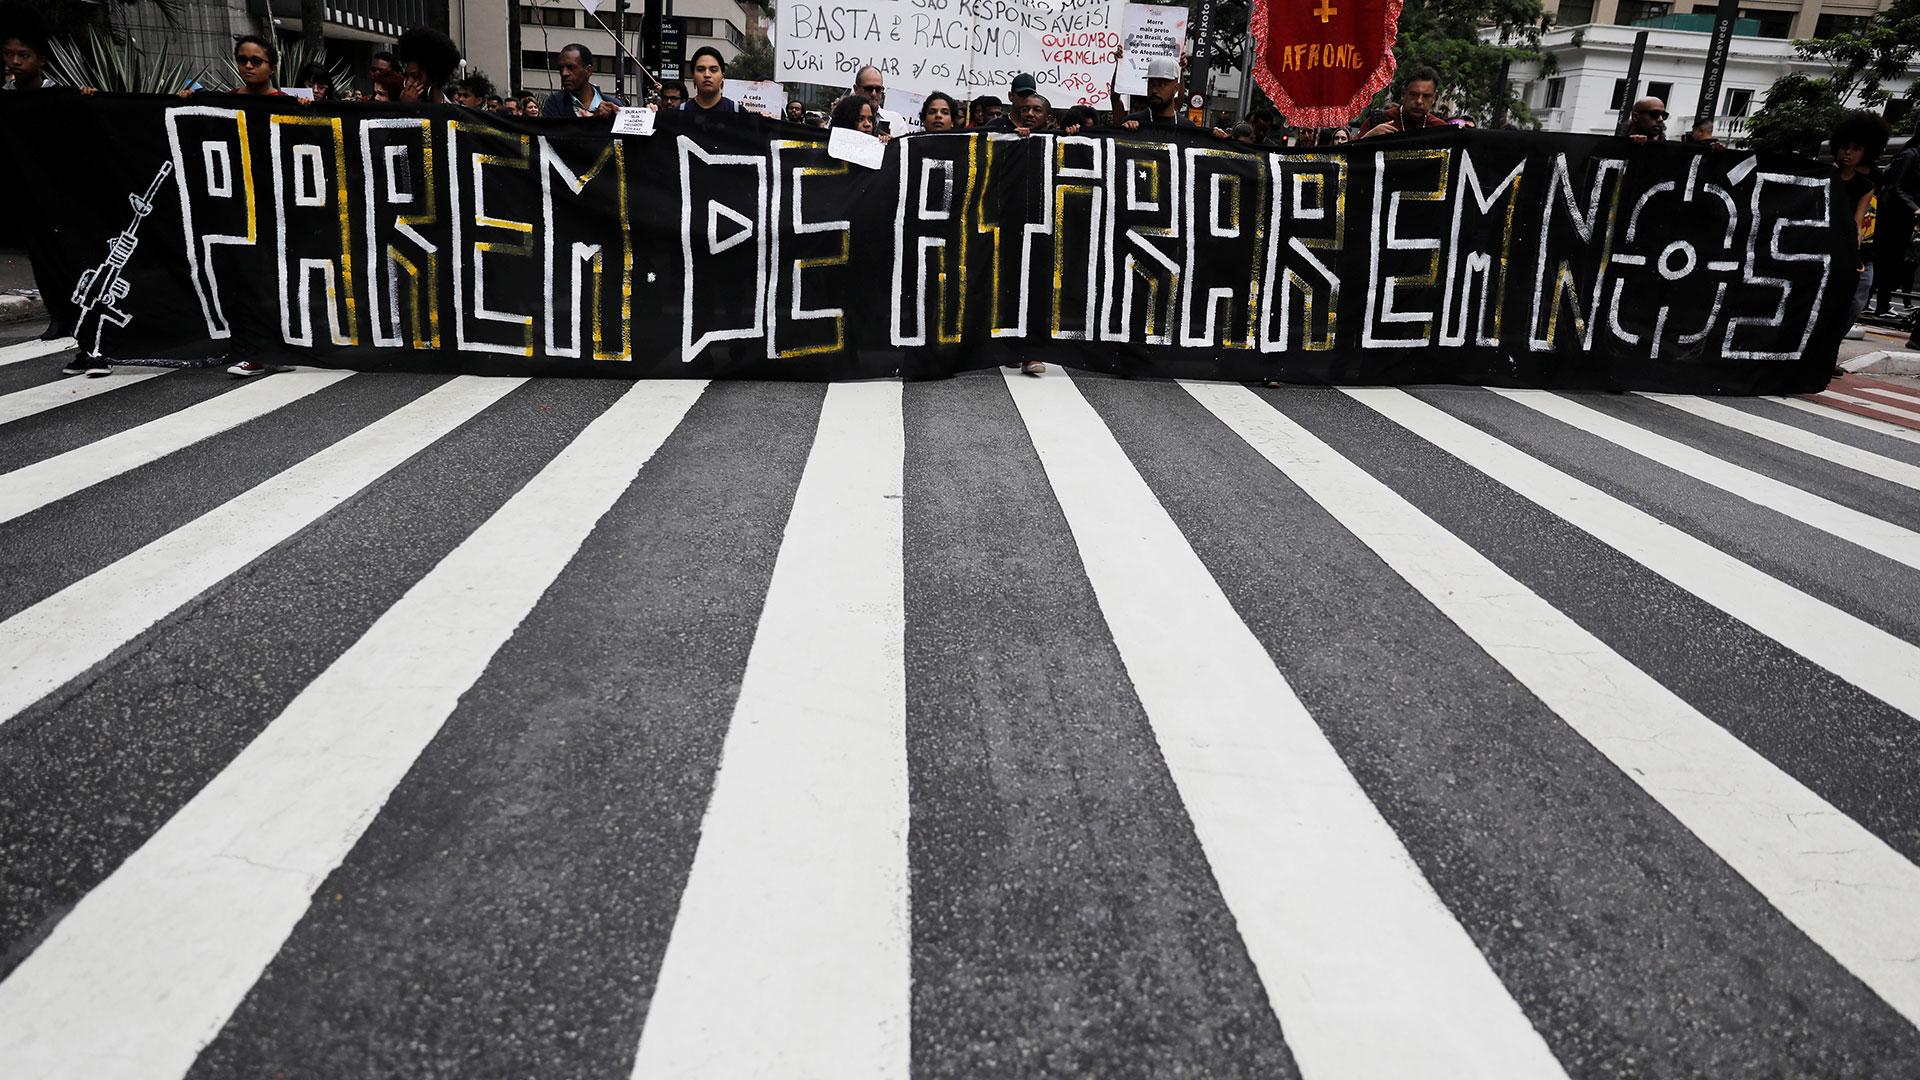 Manifestación contra la violencia policial en Río (Reuters)